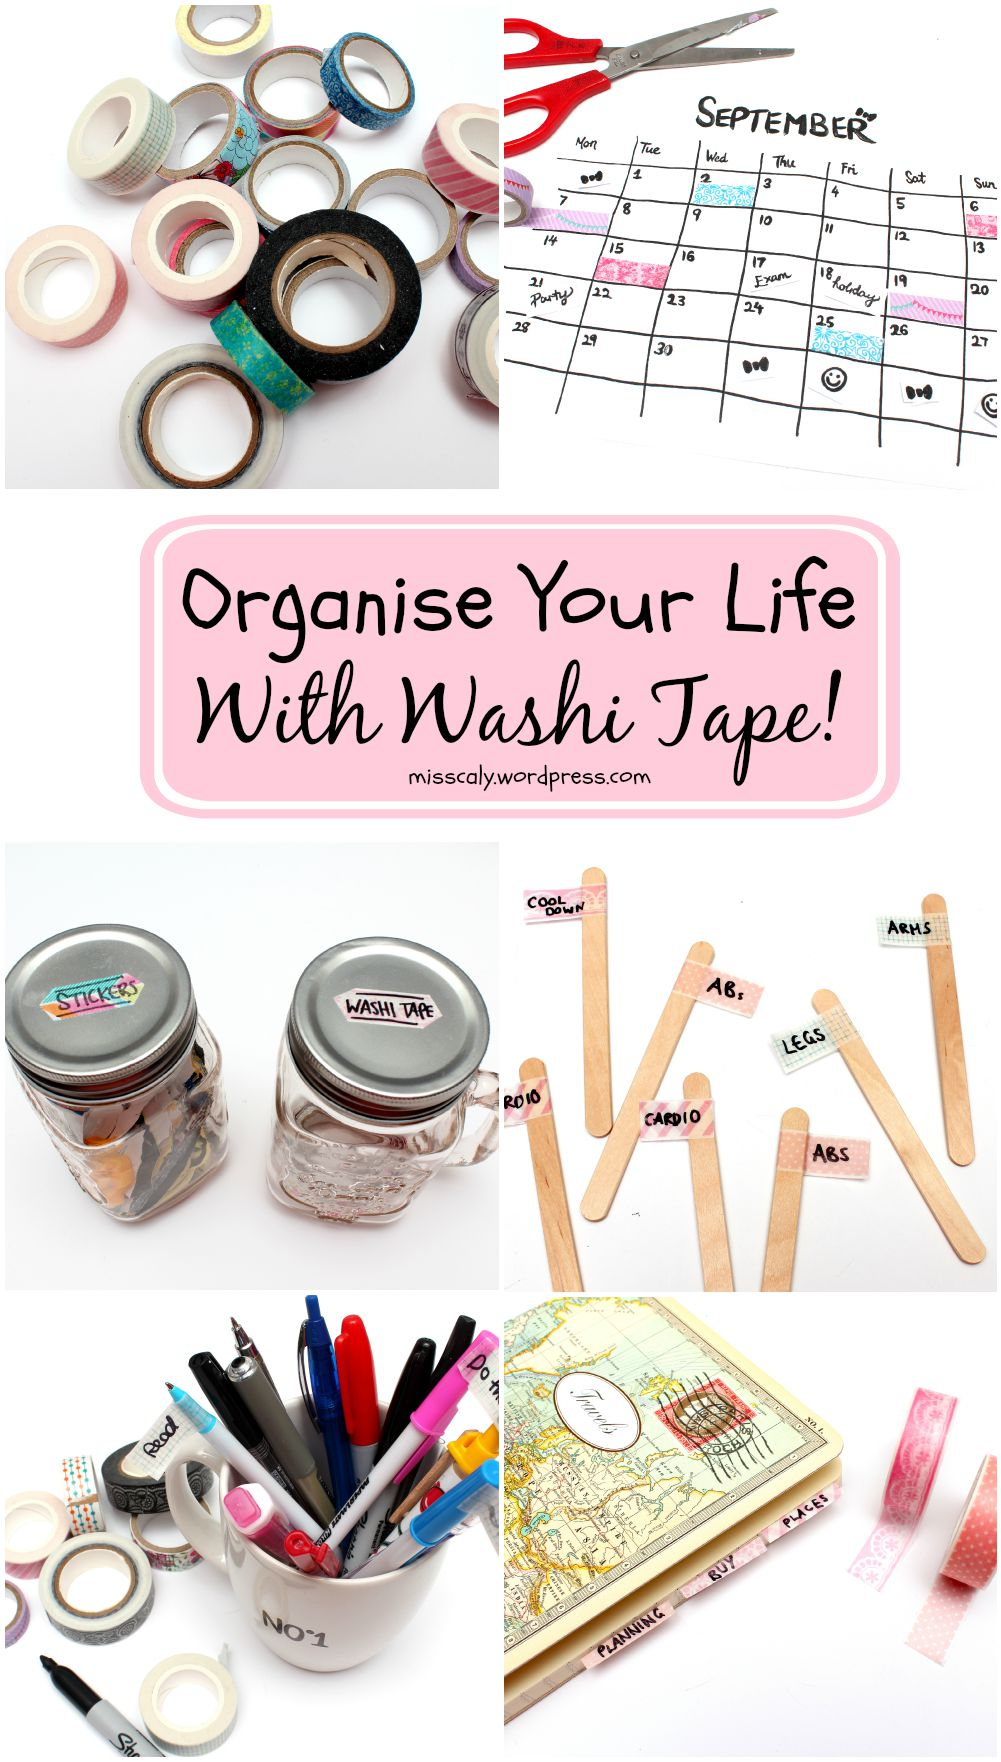 organise life with washi